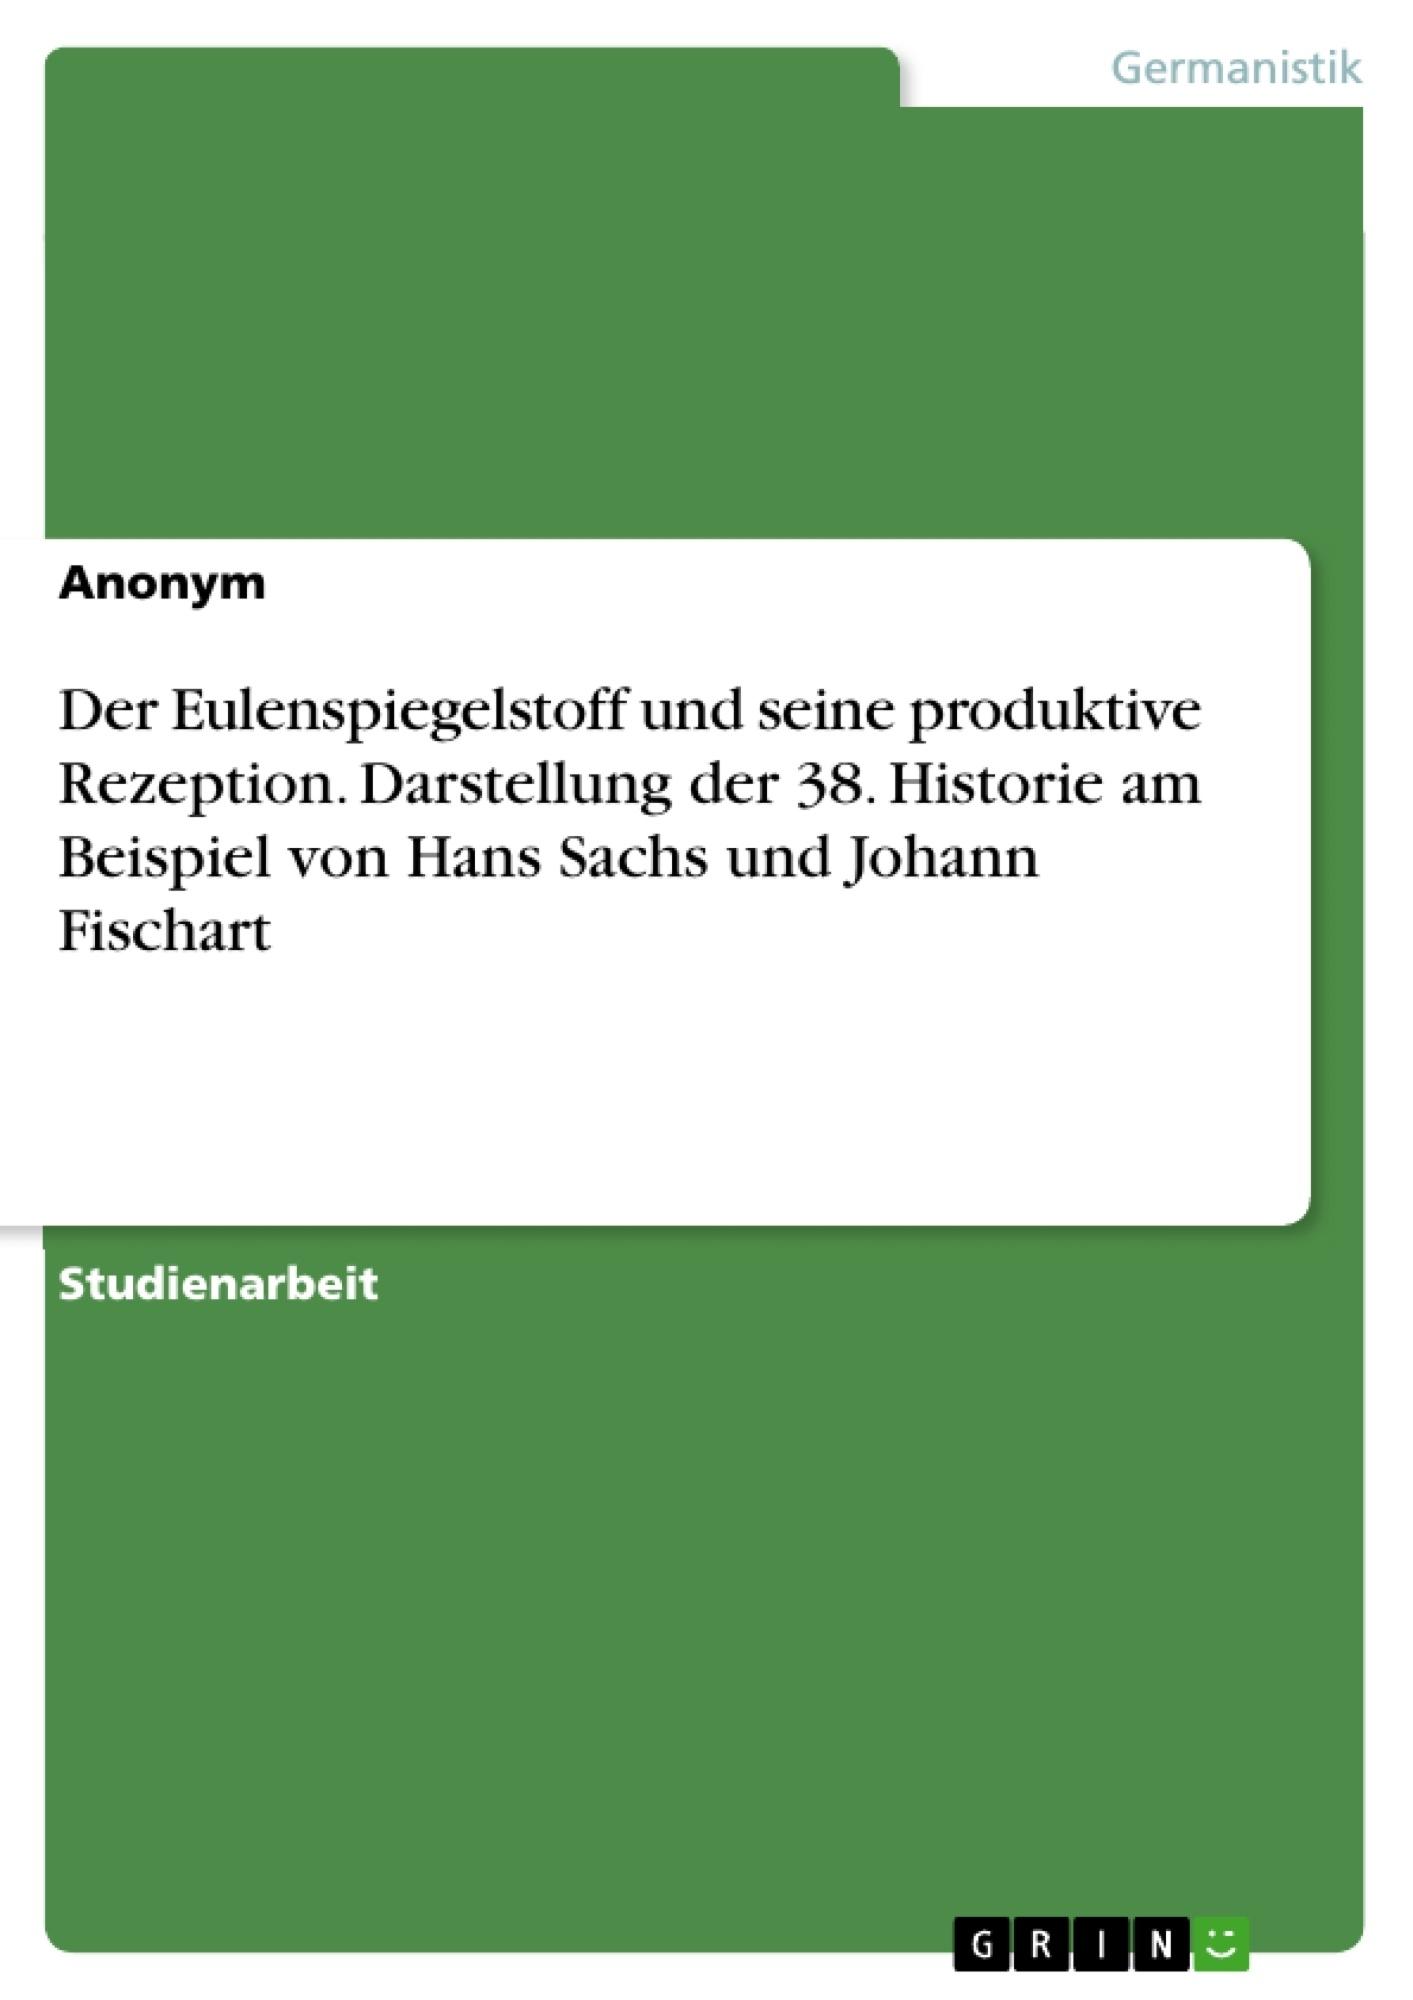 Titel: Der Eulenspiegelstoff und seine produktive Rezeption. Darstellung der 38. Historie am Beispiel von Hans Sachs und Johann Fischart